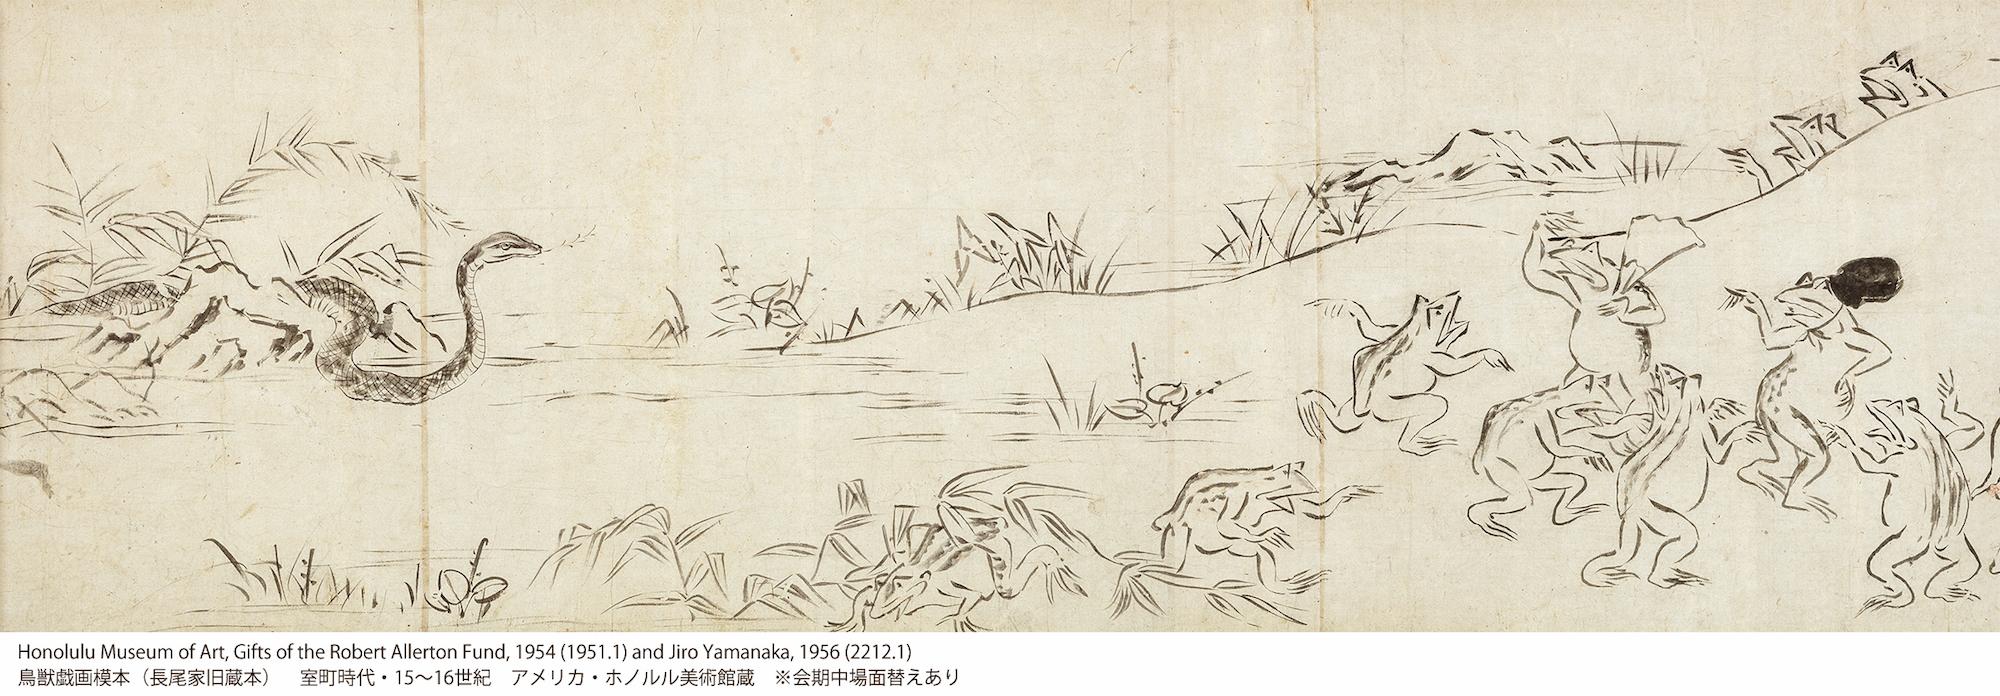 鳥獣戯画模本(長尾家旧蔵本) 室町時代 15~16世紀 ホノルル美術館 会期中場面替えあり  Honolulu Museum of Art, Gifts of the Robert Allerton Fund, 1954(1951.1) and Jiro Yamanaka, 1956 (2212.1)